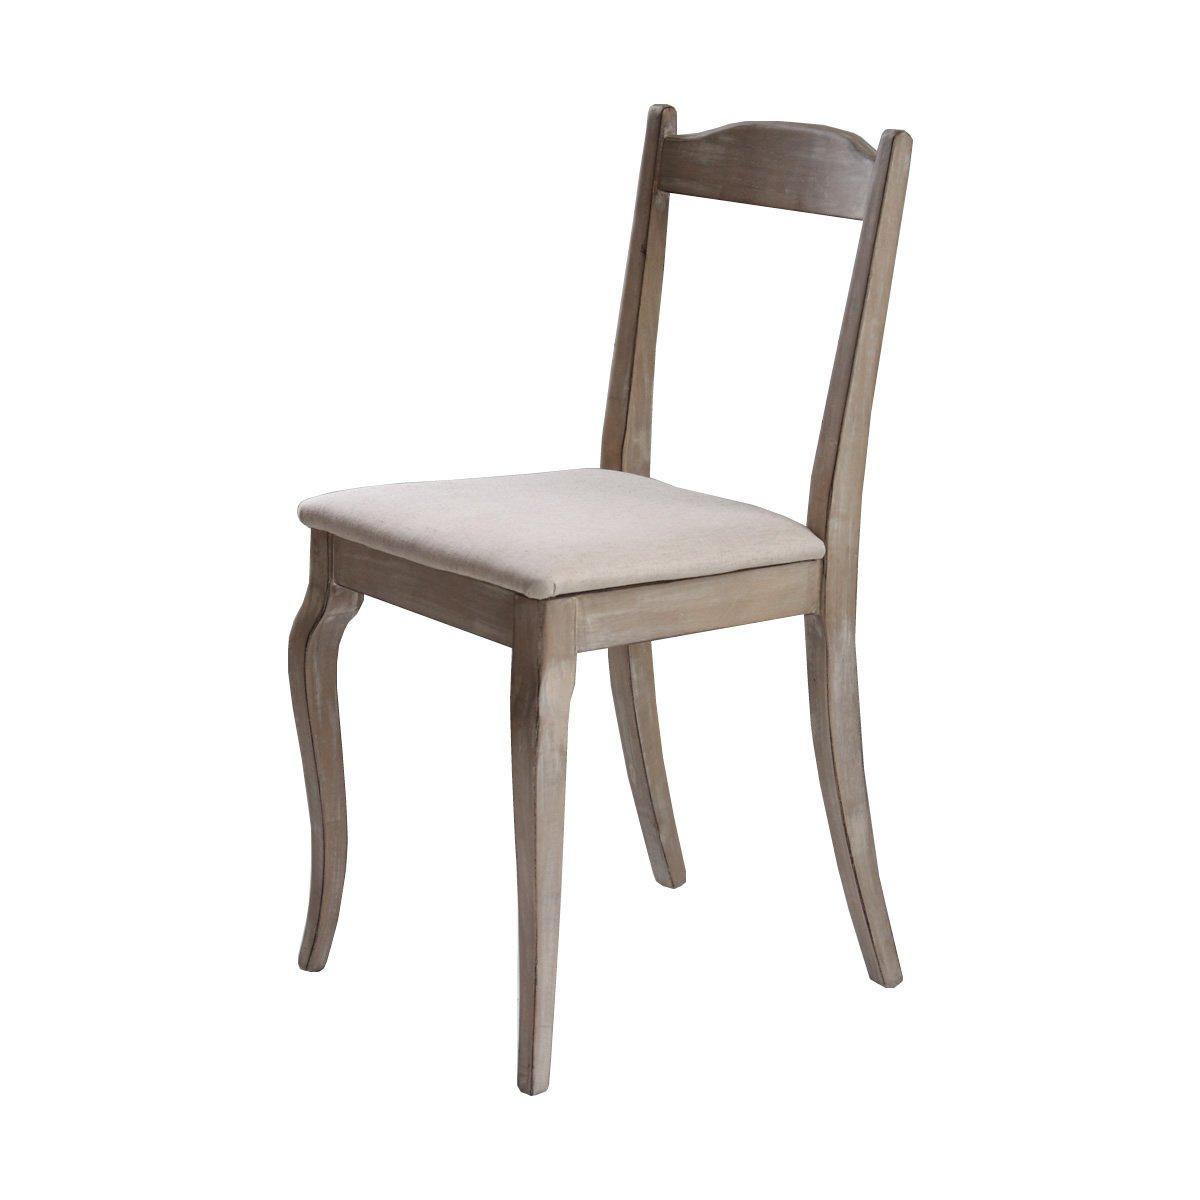 ホワイト/Shabby chic Desk chair デスクチェア チェア イス 椅子 ダイニングチェア シャビーシック エレガント アンティーク 木製 B01BOLW5E2ホワイト